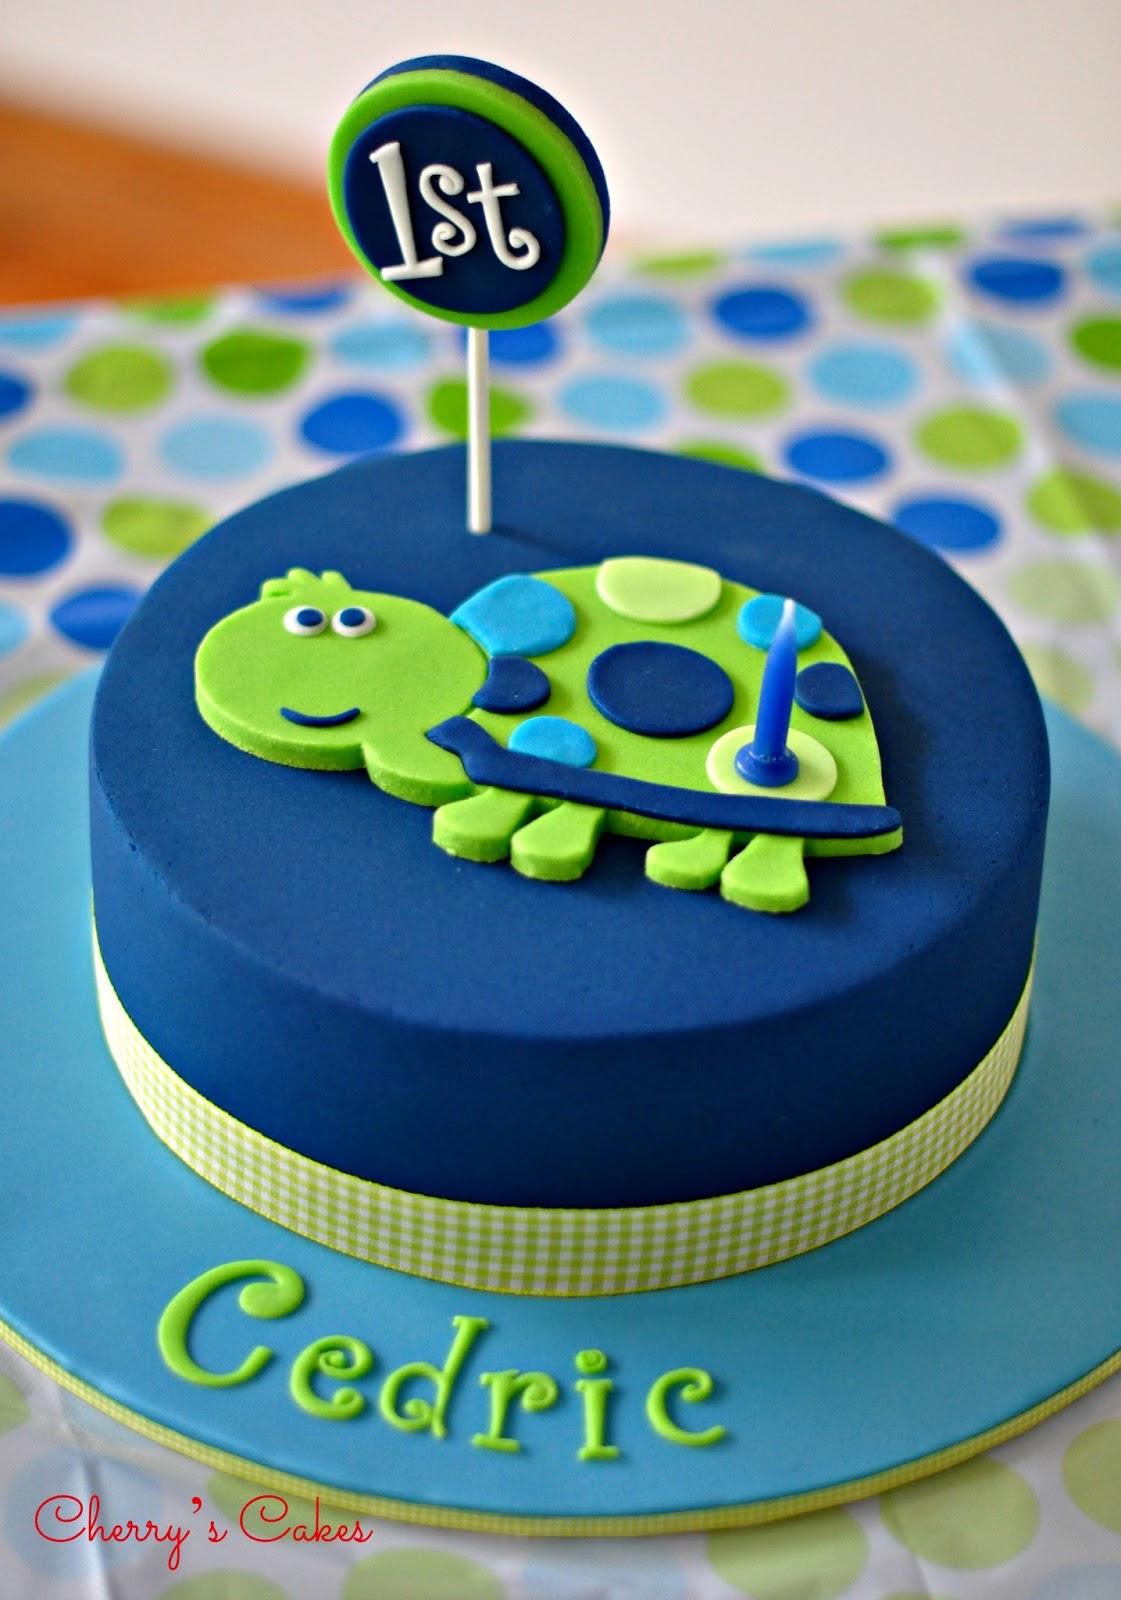 Cherry S Cakes Cedric Amp His Turtle